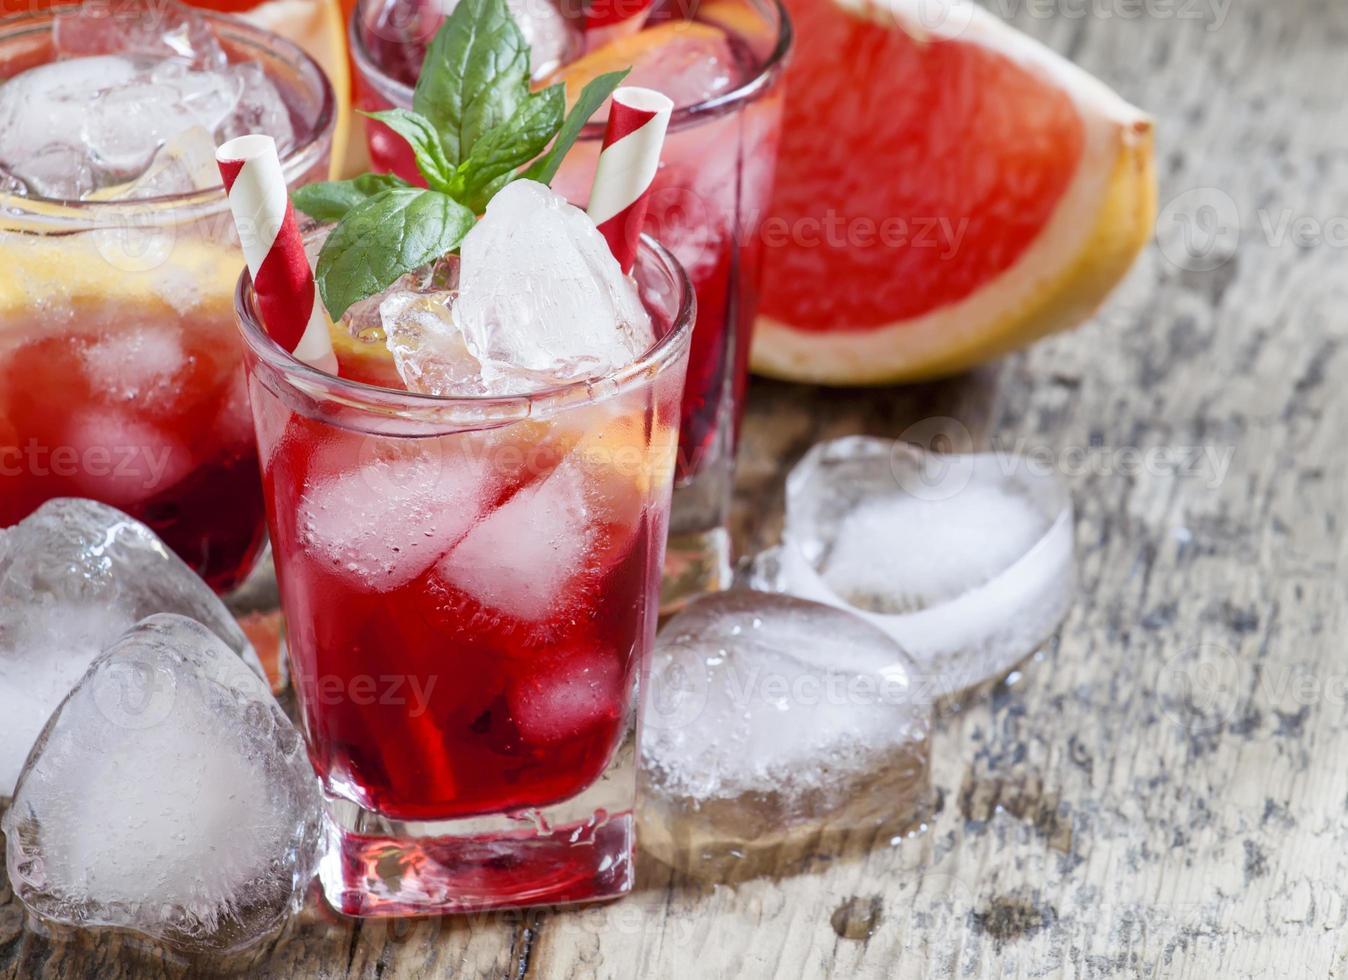 pompelmo cocktail con ghiaccio in un piccolo bicchiere foto